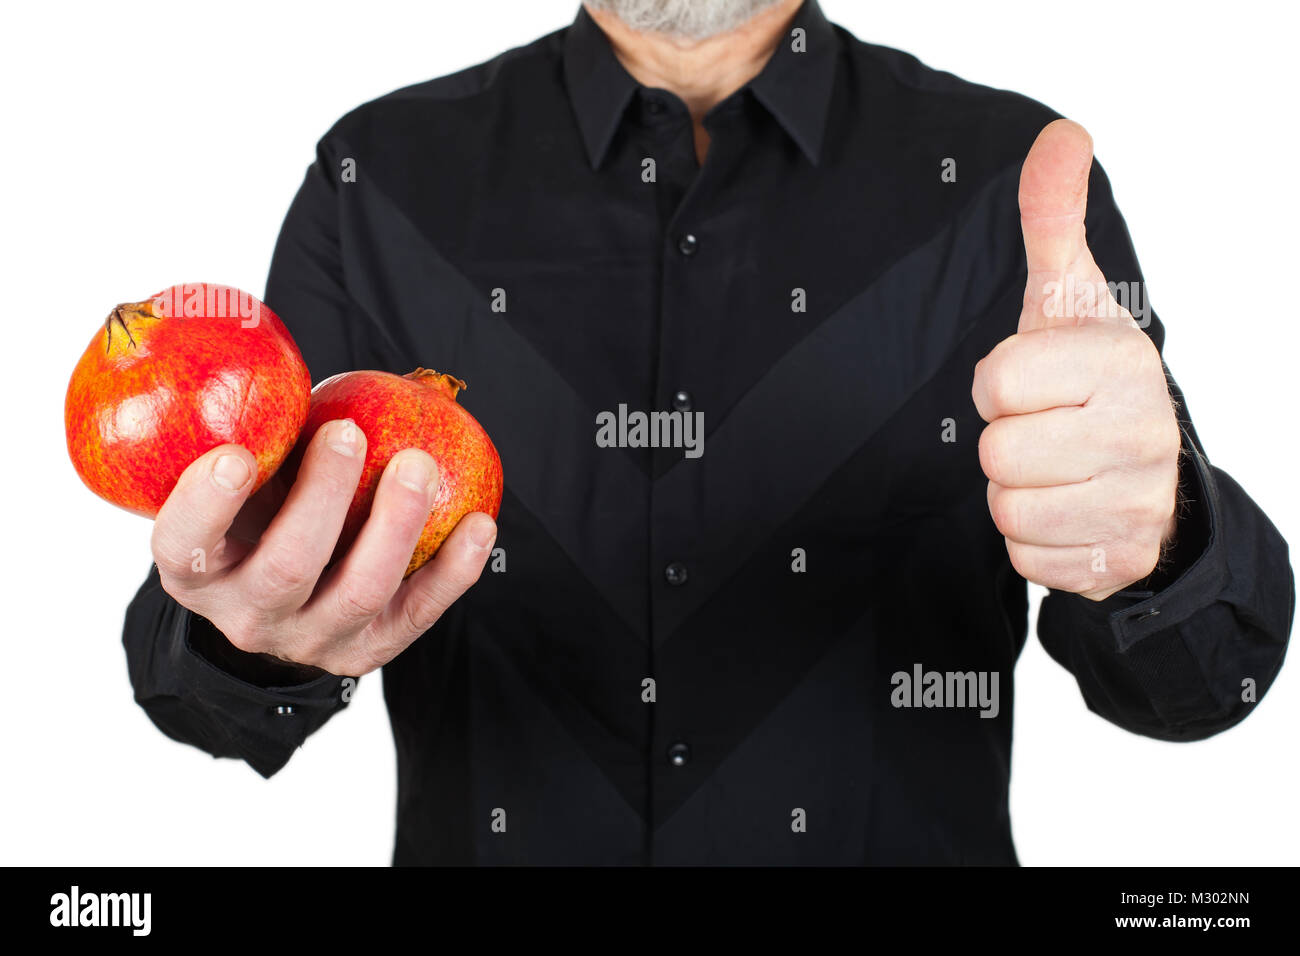 Chiudere l immagine dell uomo in nero che tiene mature melograno, alta frutta antiossidante, mostrando pollice in Immagini Stock